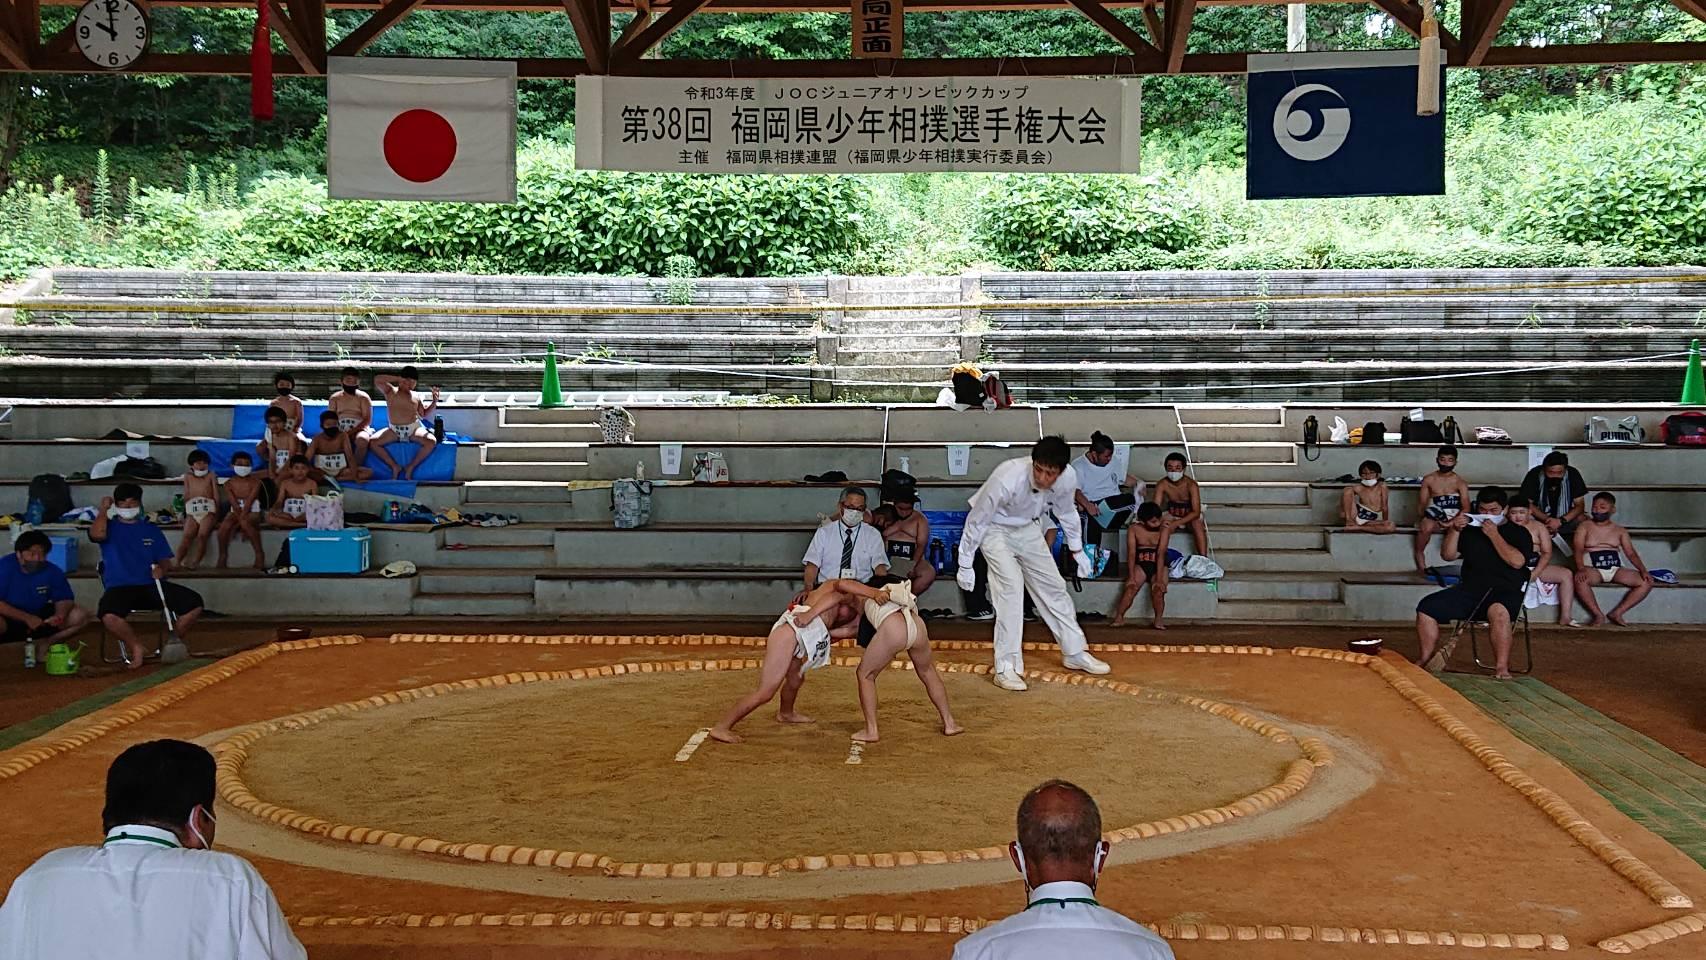 第38回福岡県少年相撲選手権大会